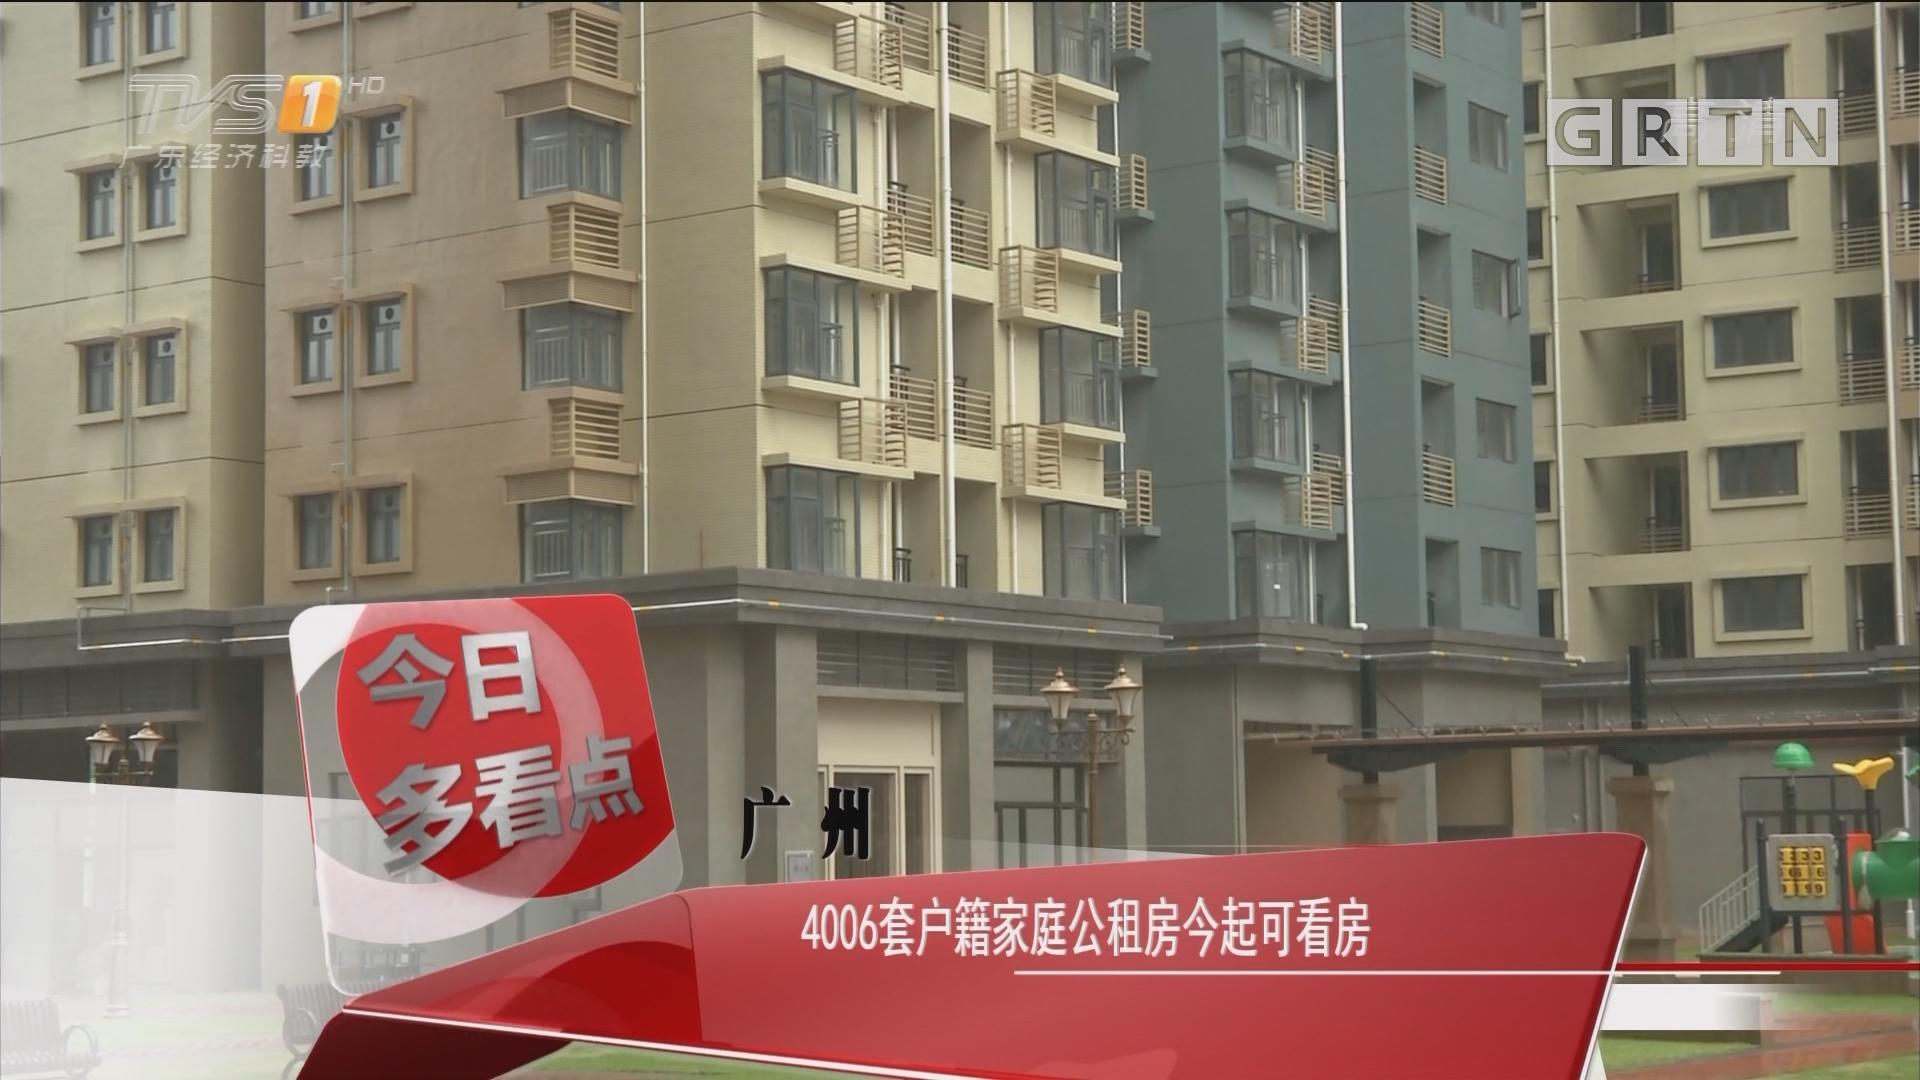 广州:4006套户籍家庭公租房今起可看房